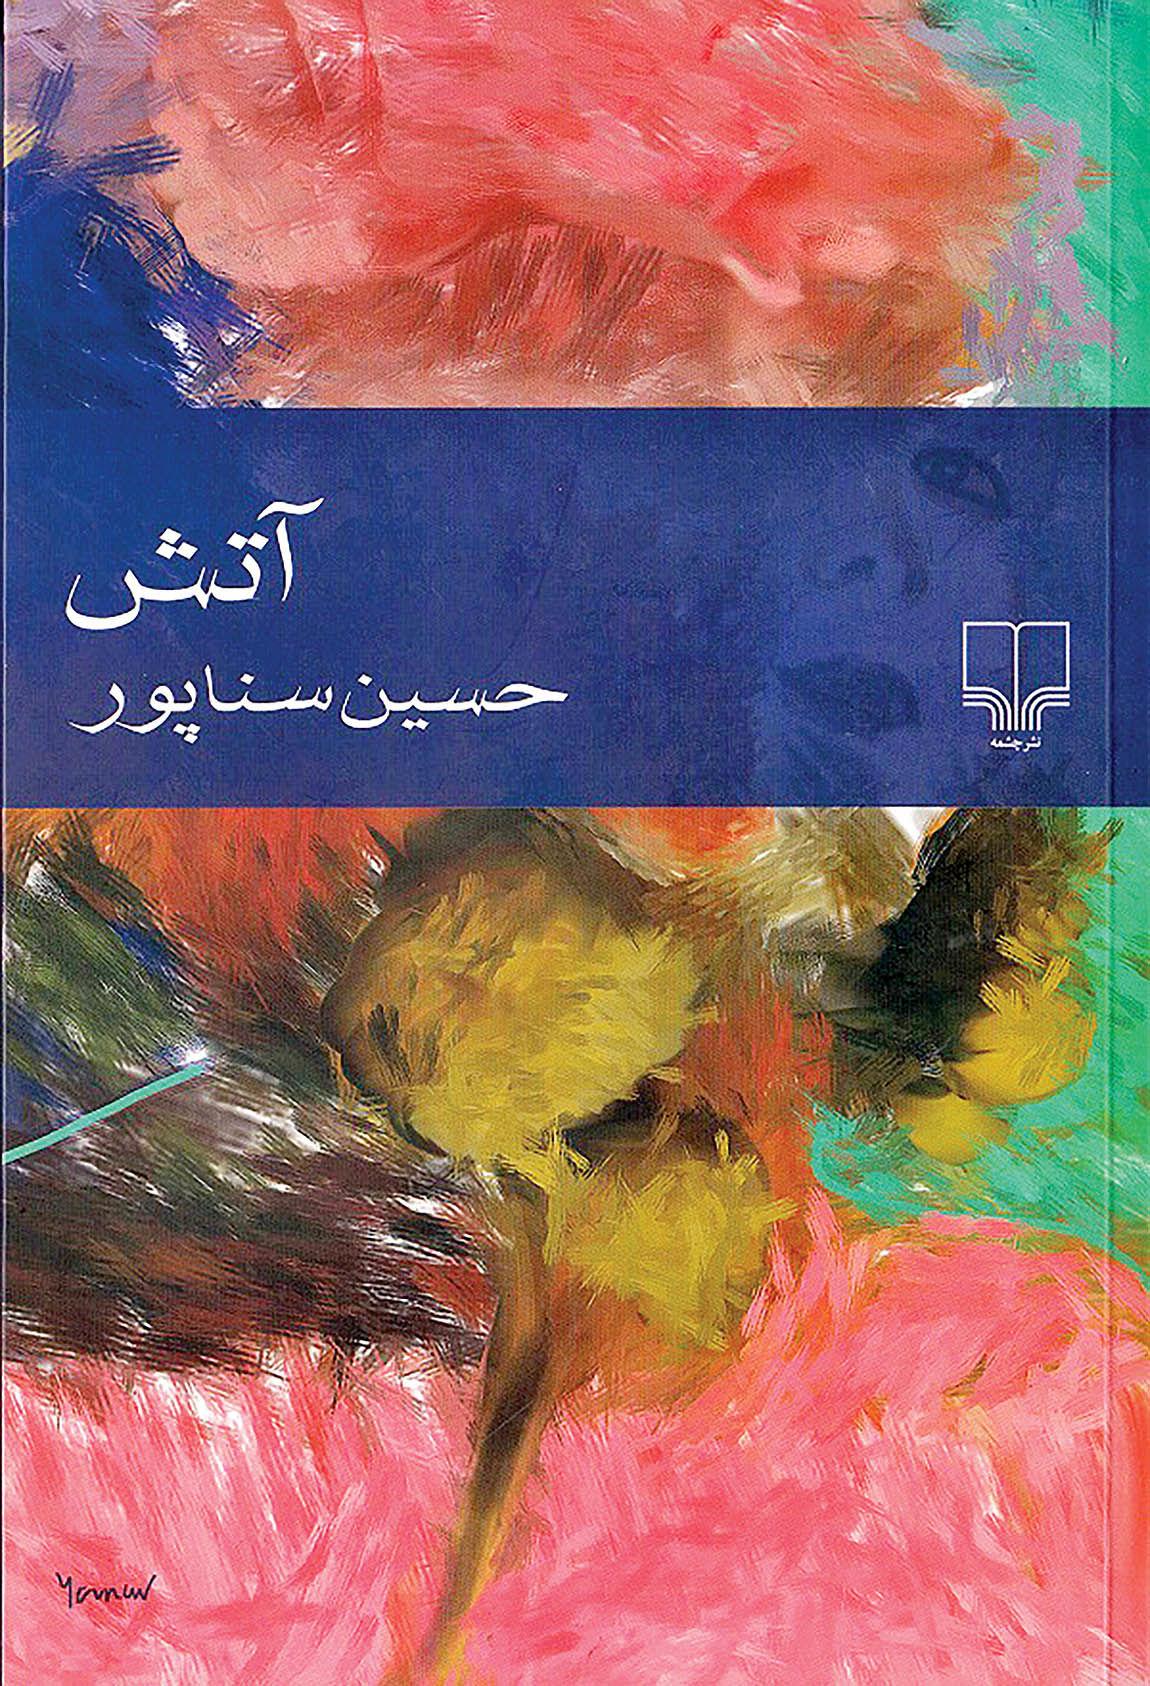 «آتش» حسین سناپور به کتابفروشیها رسید